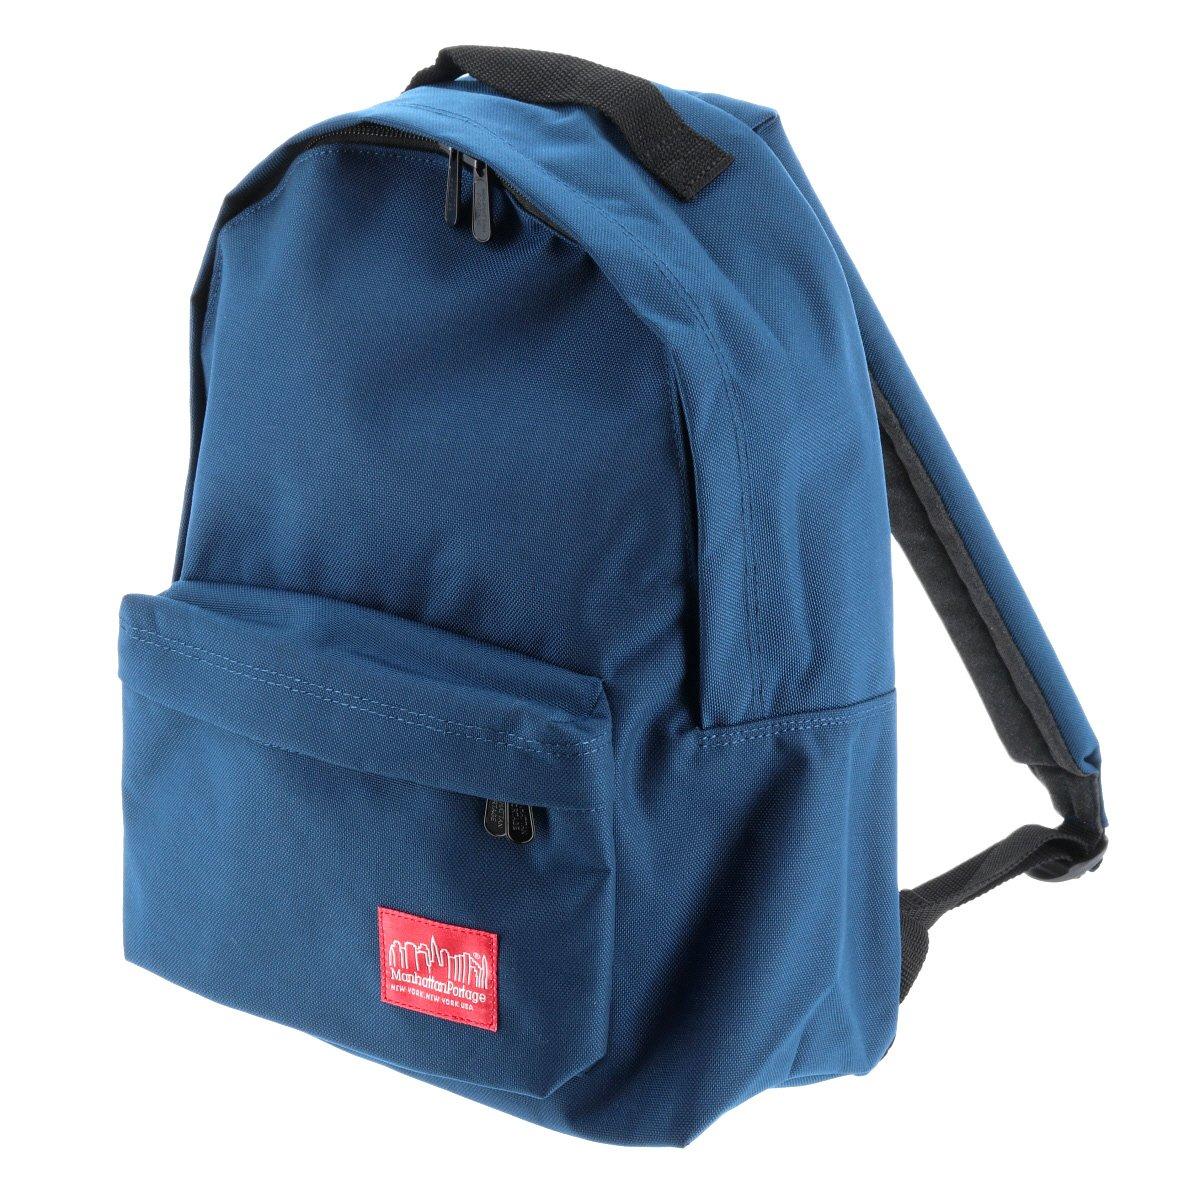 (マンハッタンポーテージ) Manhattan Portage デイパック リュックサック [Big Apple Backpack JR]  2.ネイビー B0732QN1K9